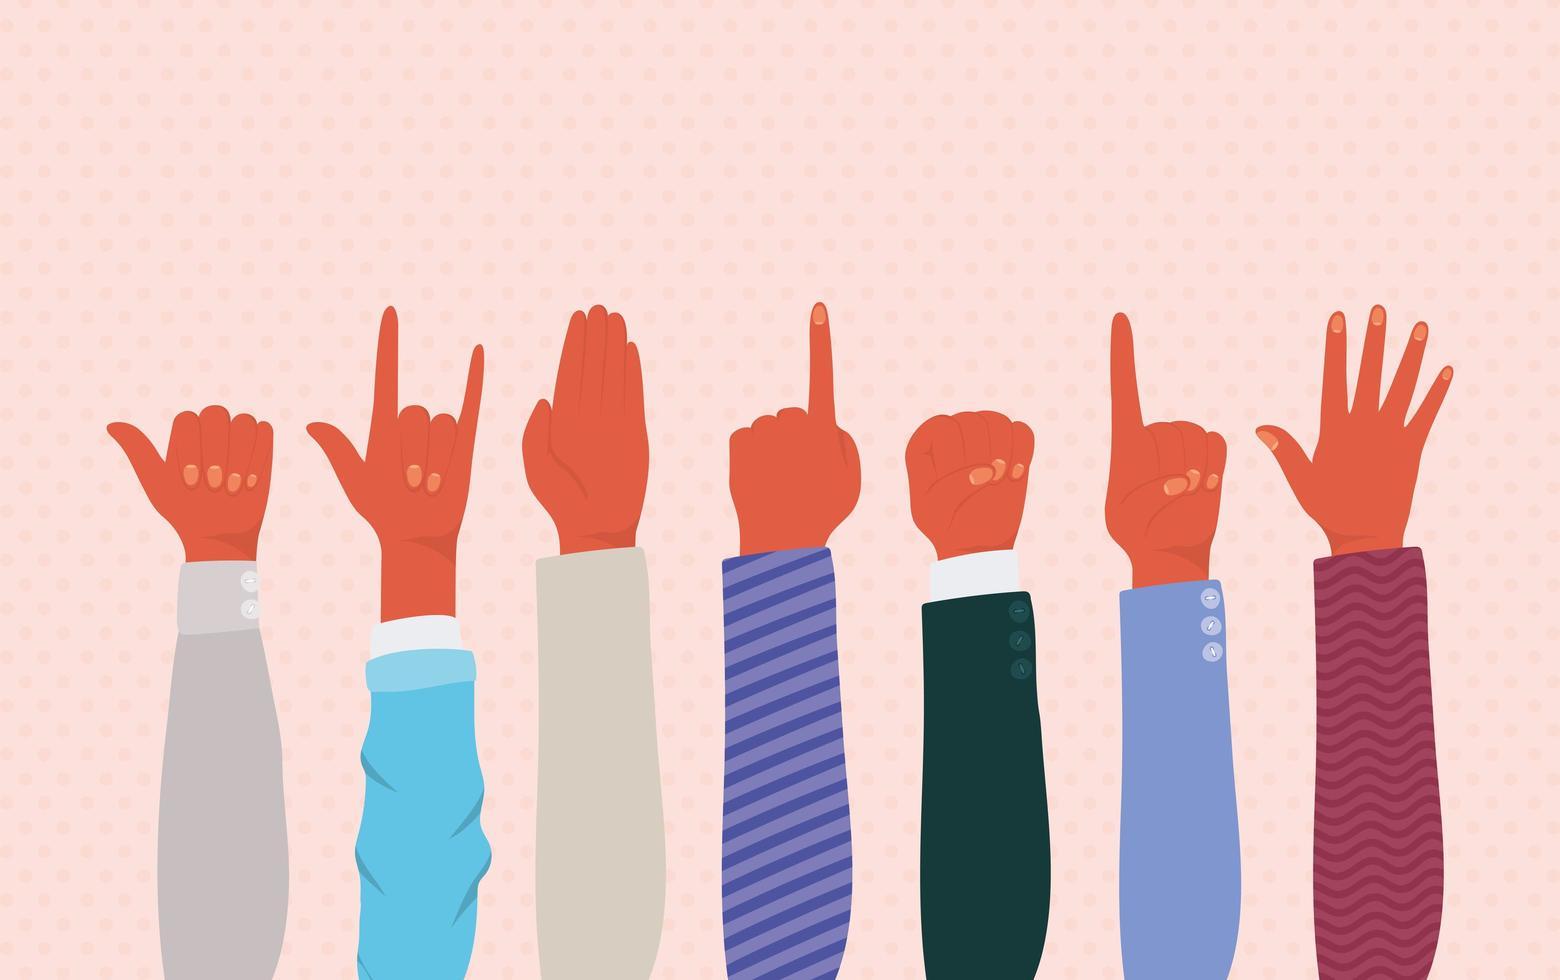 mani in alto di diversi tipi di pelli disegno vettoriale